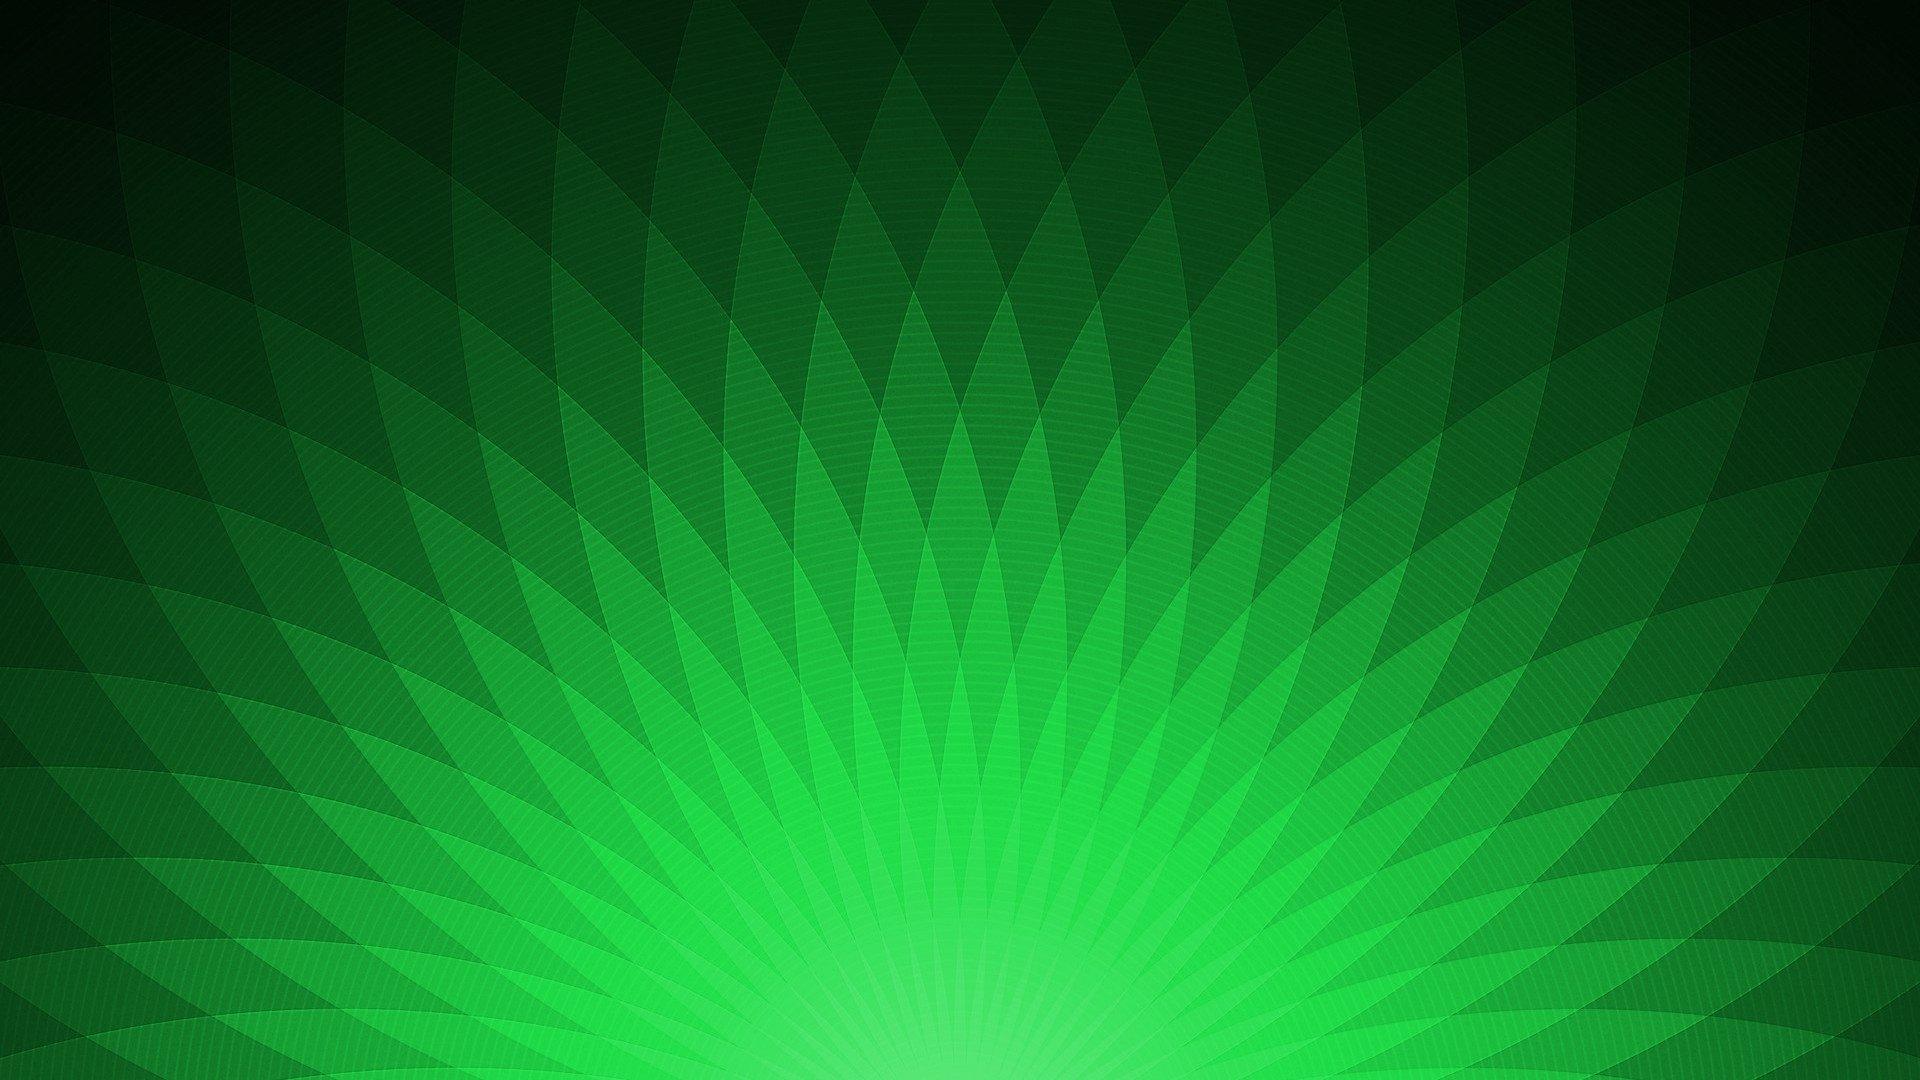 Verde Full HD Papel De Parede And Planos De Fundo